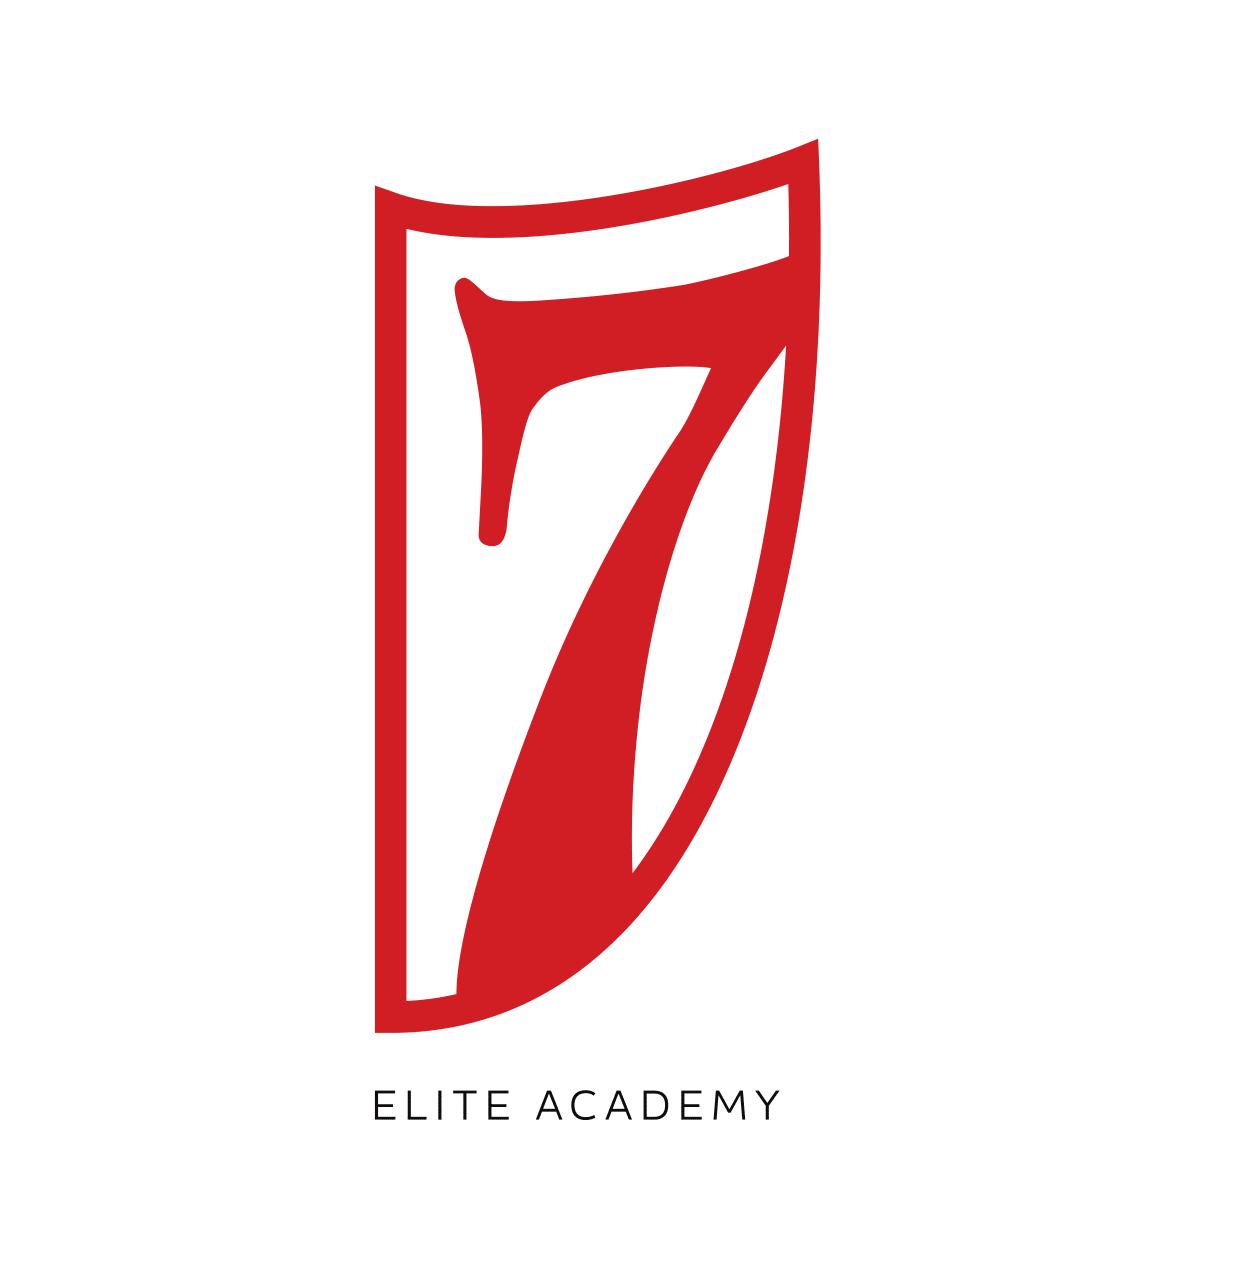 7 Elite Potrait Logo_7-1.png